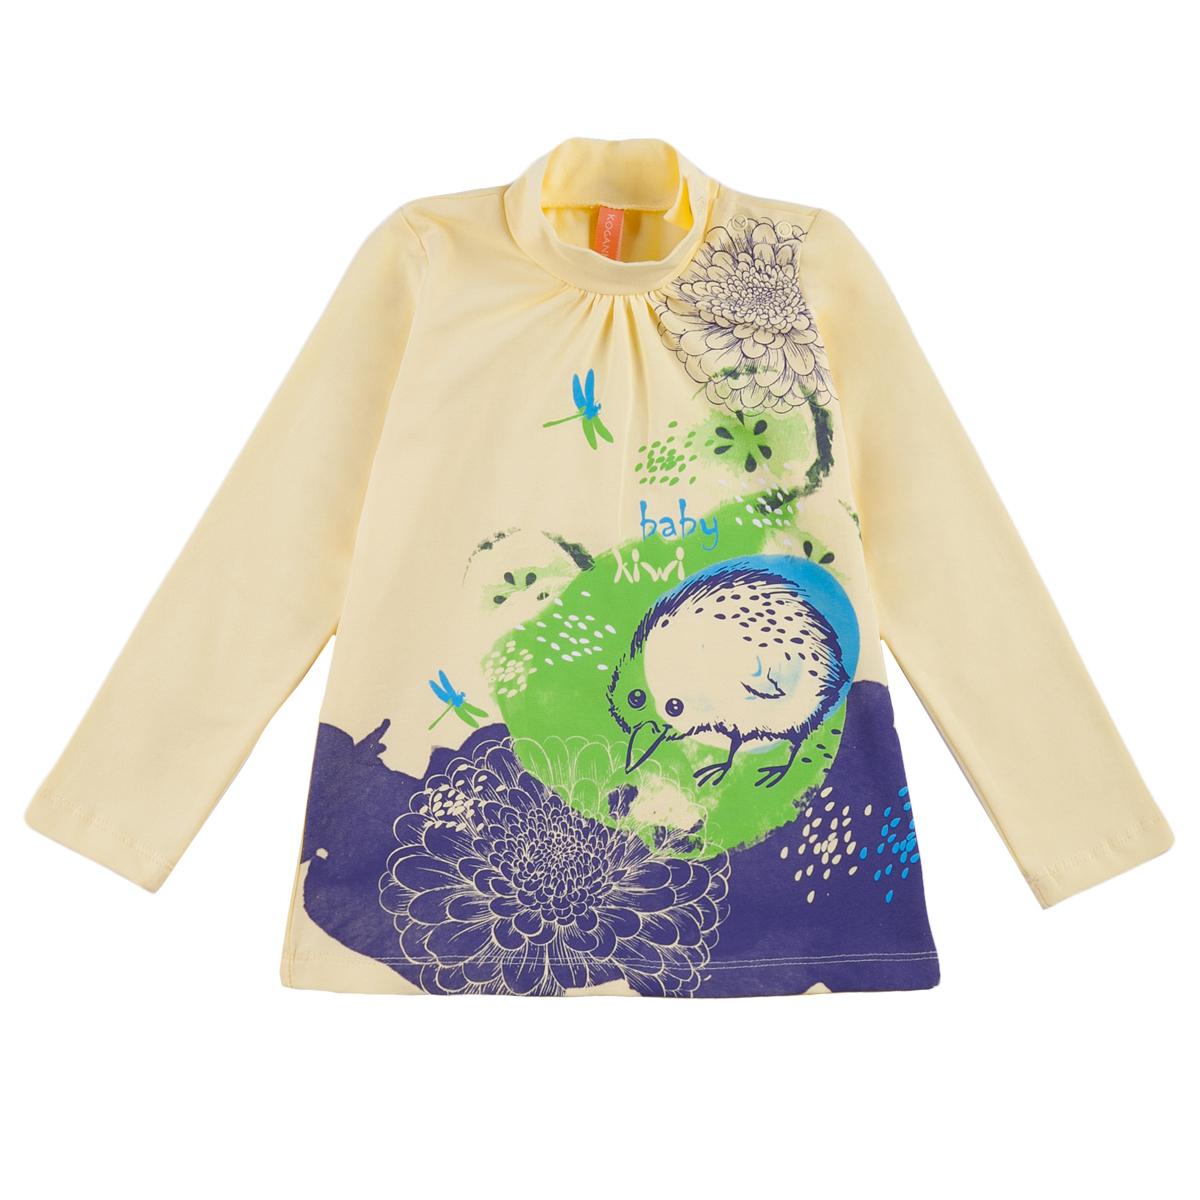 Водолазка KogankidsЯркая водолазка с забавным принтом отлично дополнит гардероб маленькой модницы. Сочетайте с джинсами, однотонными леггинсами или юбками.<br>Размер: 80, 86, 92, 98; Цвет: Жёлтый;